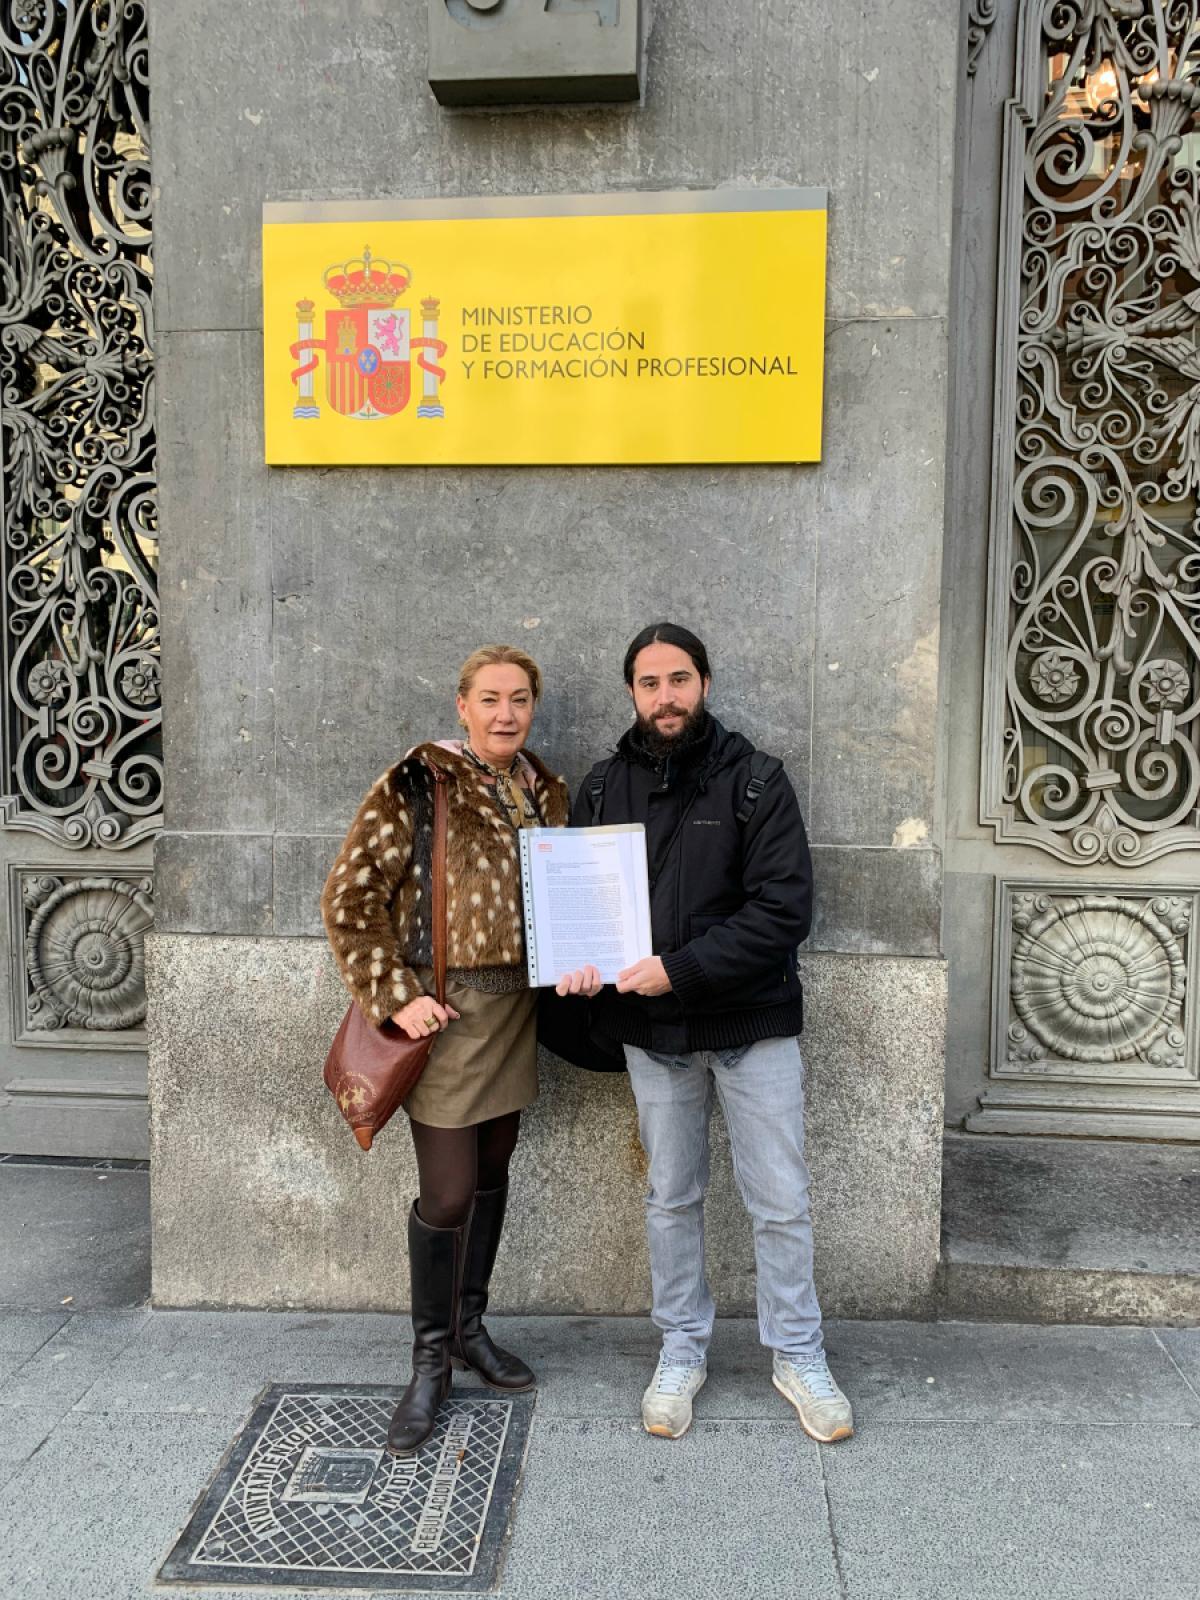 Carmen Perona y José María Ruiz, de CCOO, registrando la carta en el Ministerio de Educación y FP